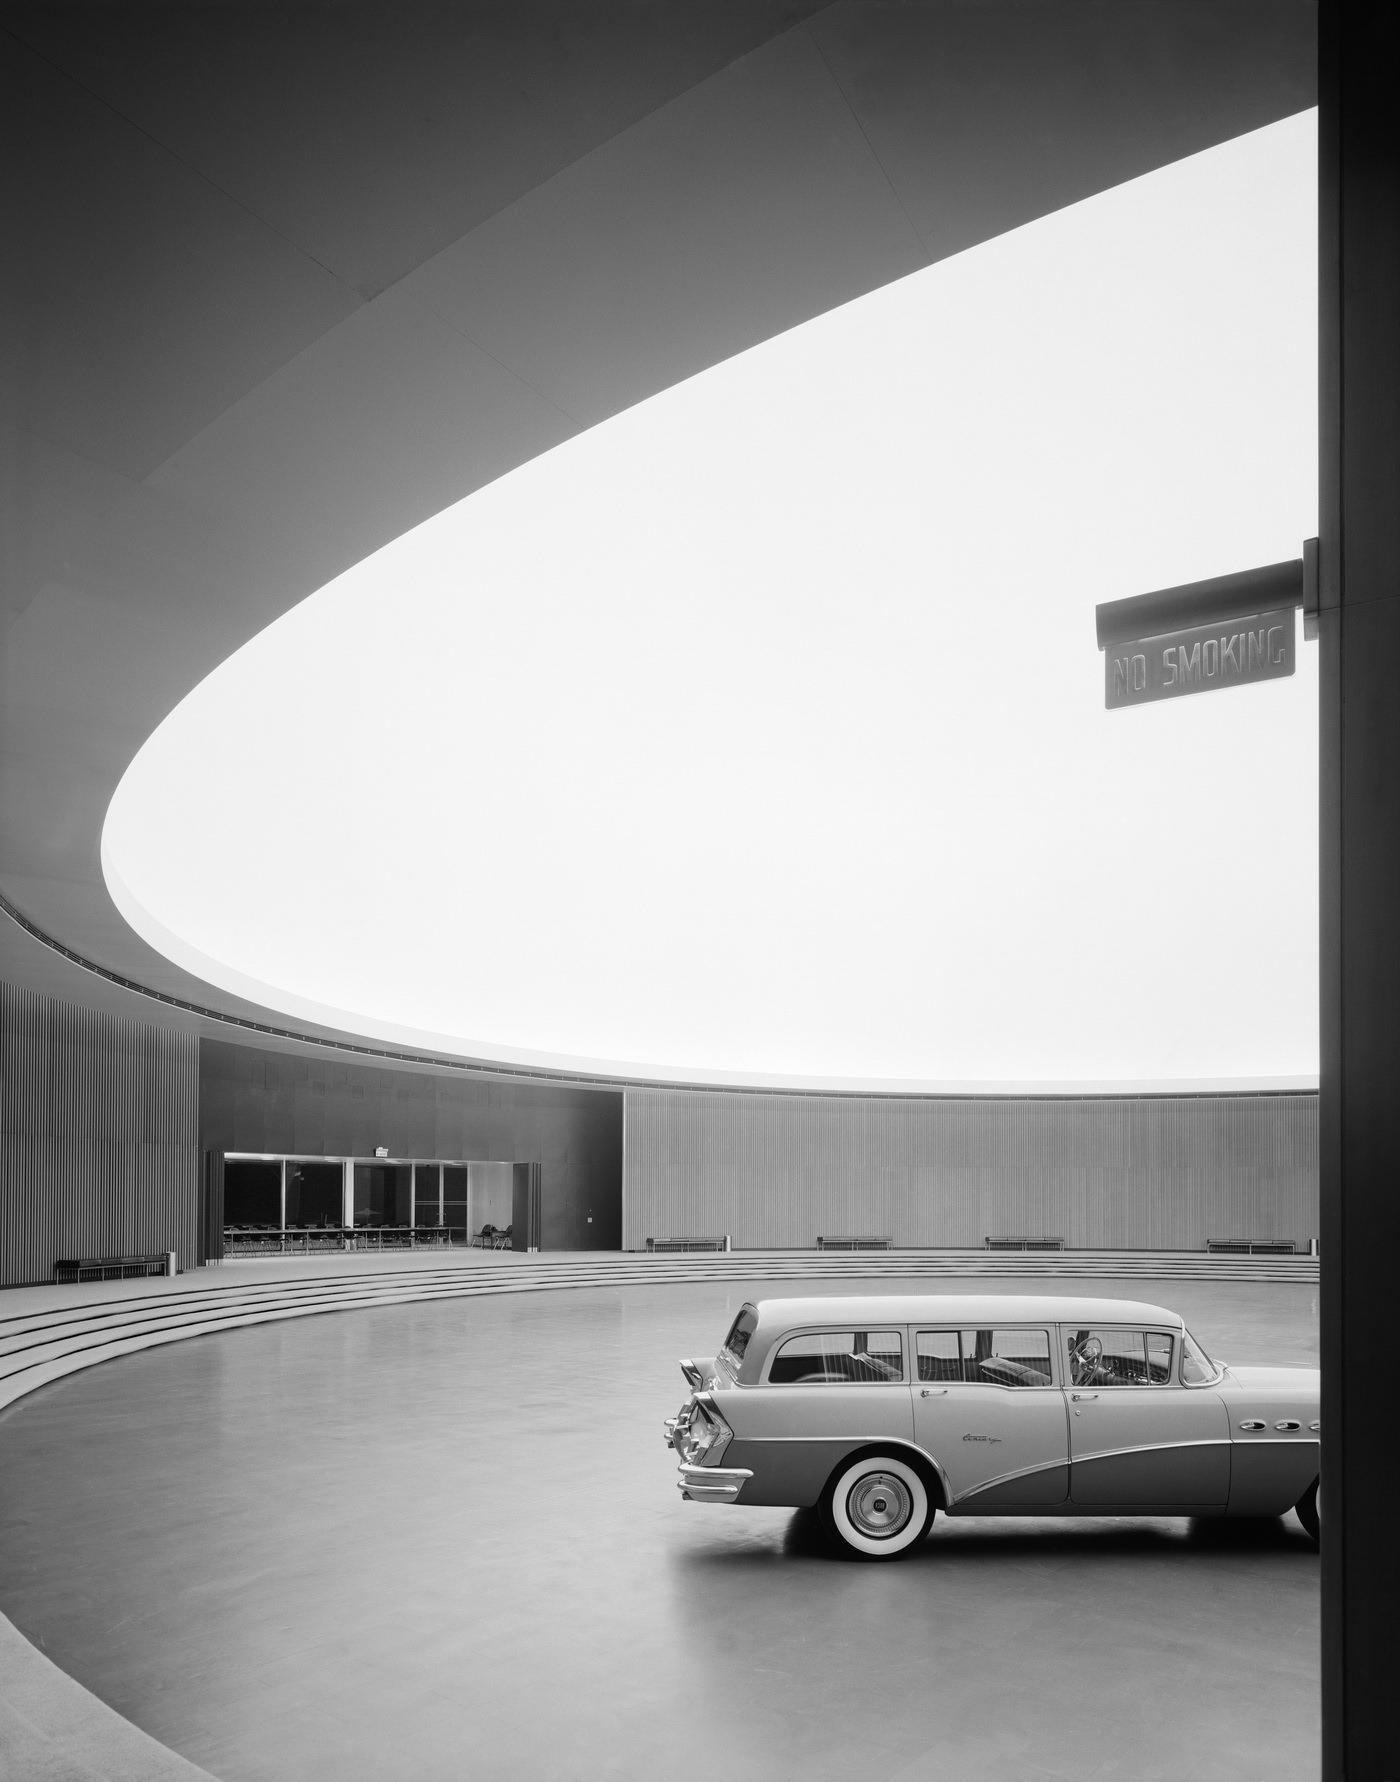 Эзра Столлер. Технический центр «Дженерал Моторс». Арх.: Ээро Сааринен. Уоррен, шт. Мичиган, 1950